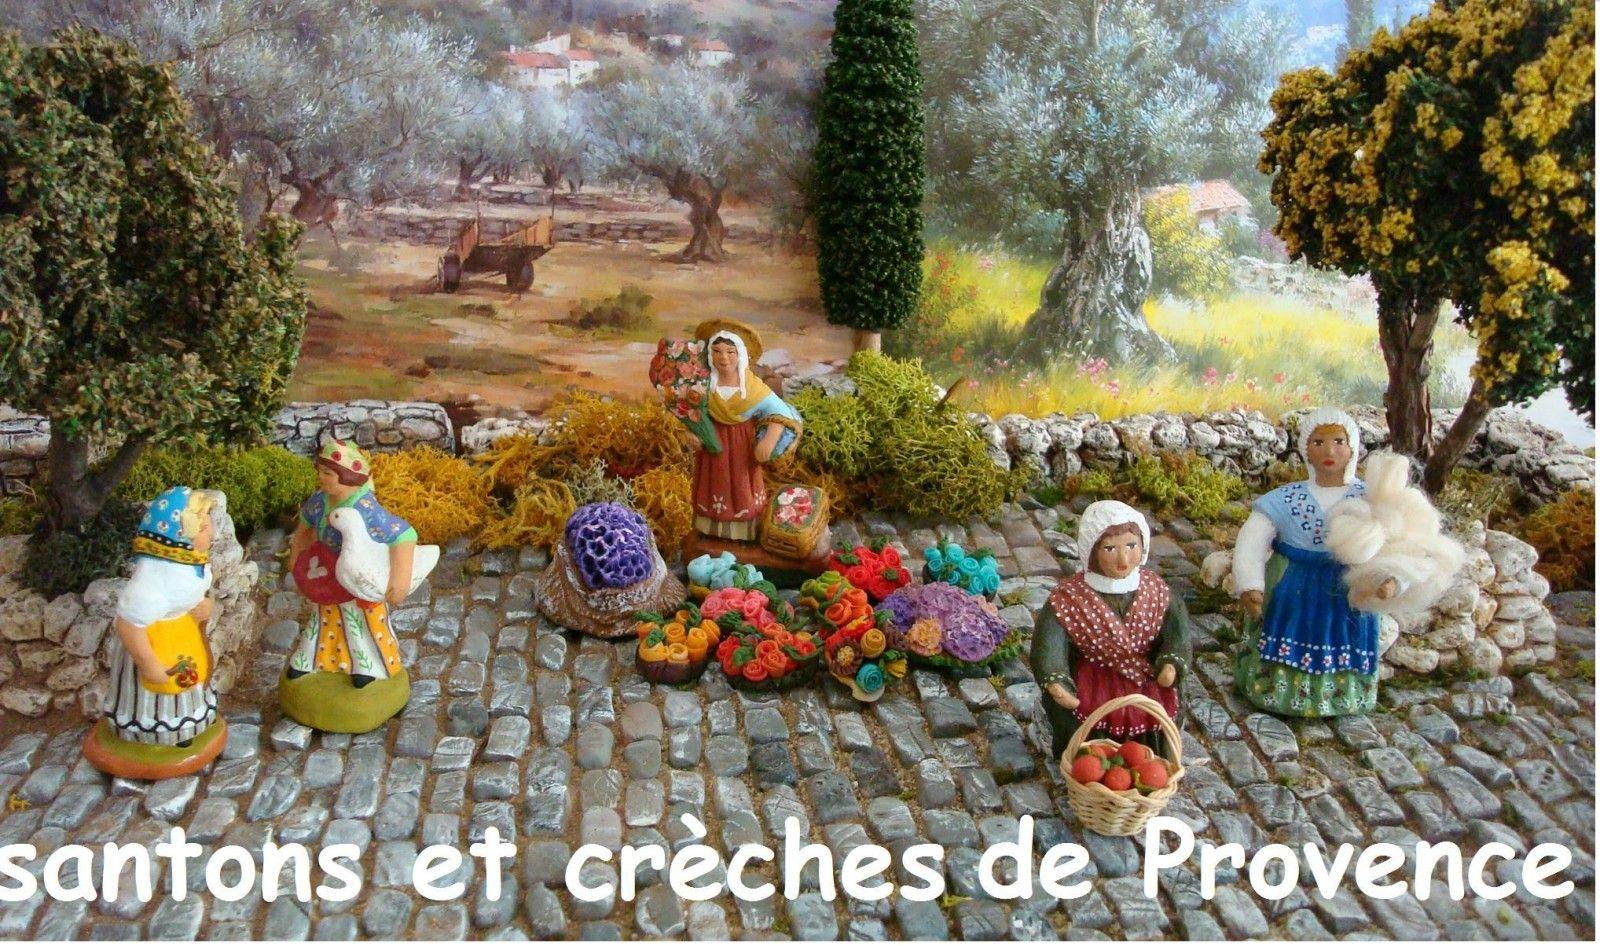 Le blog de santounette table de noel pinterest santon cr che et santons de provence - Decor creche de noel provencal ...